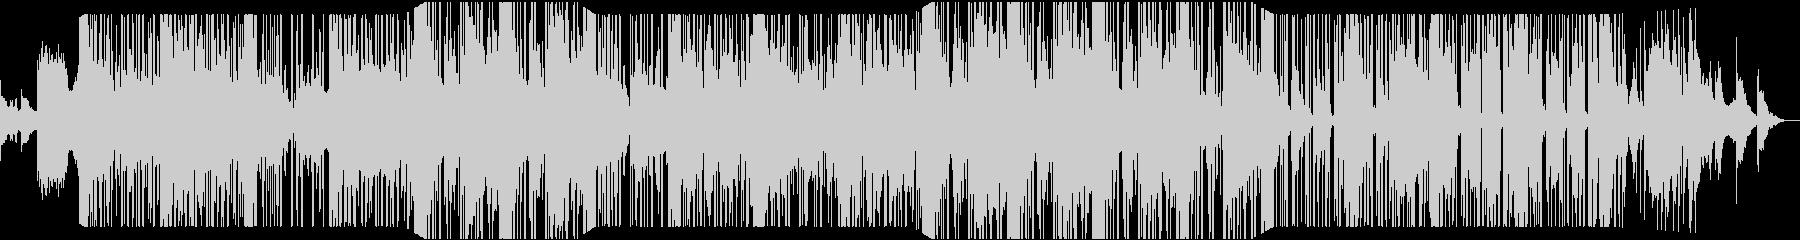 洋楽 チルアウト ヒップホップトラック✌の未再生の波形